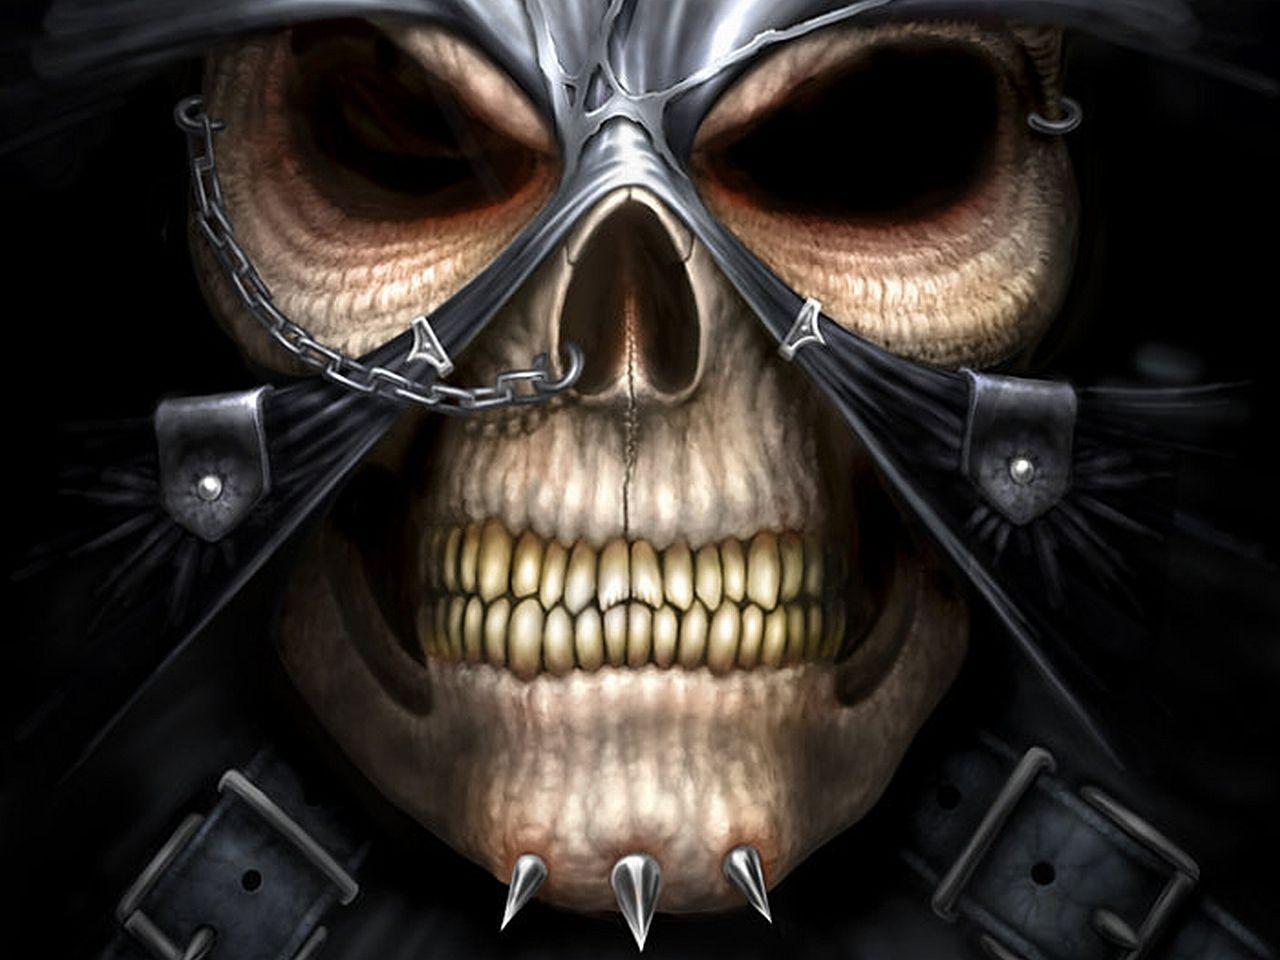 scary skulls images | evil skull wallpaper categories ...  scary skulls im...